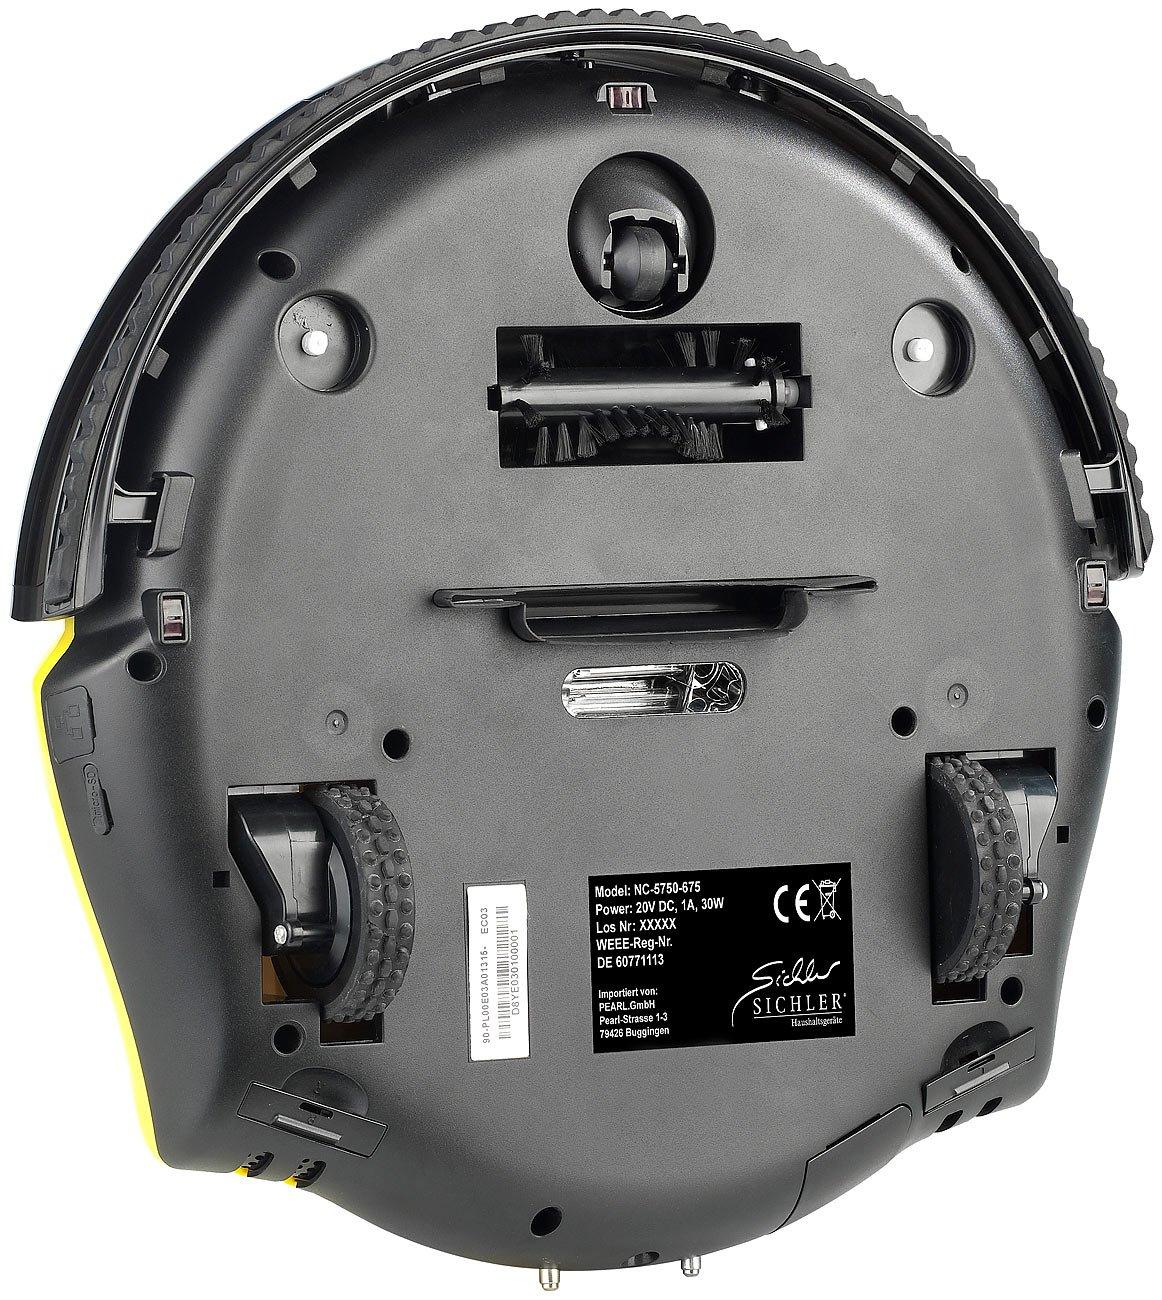 Sichler Haushaltsgeräte - Robot aspirador con Live View y aplicación de control: Amazon.es: Hogar